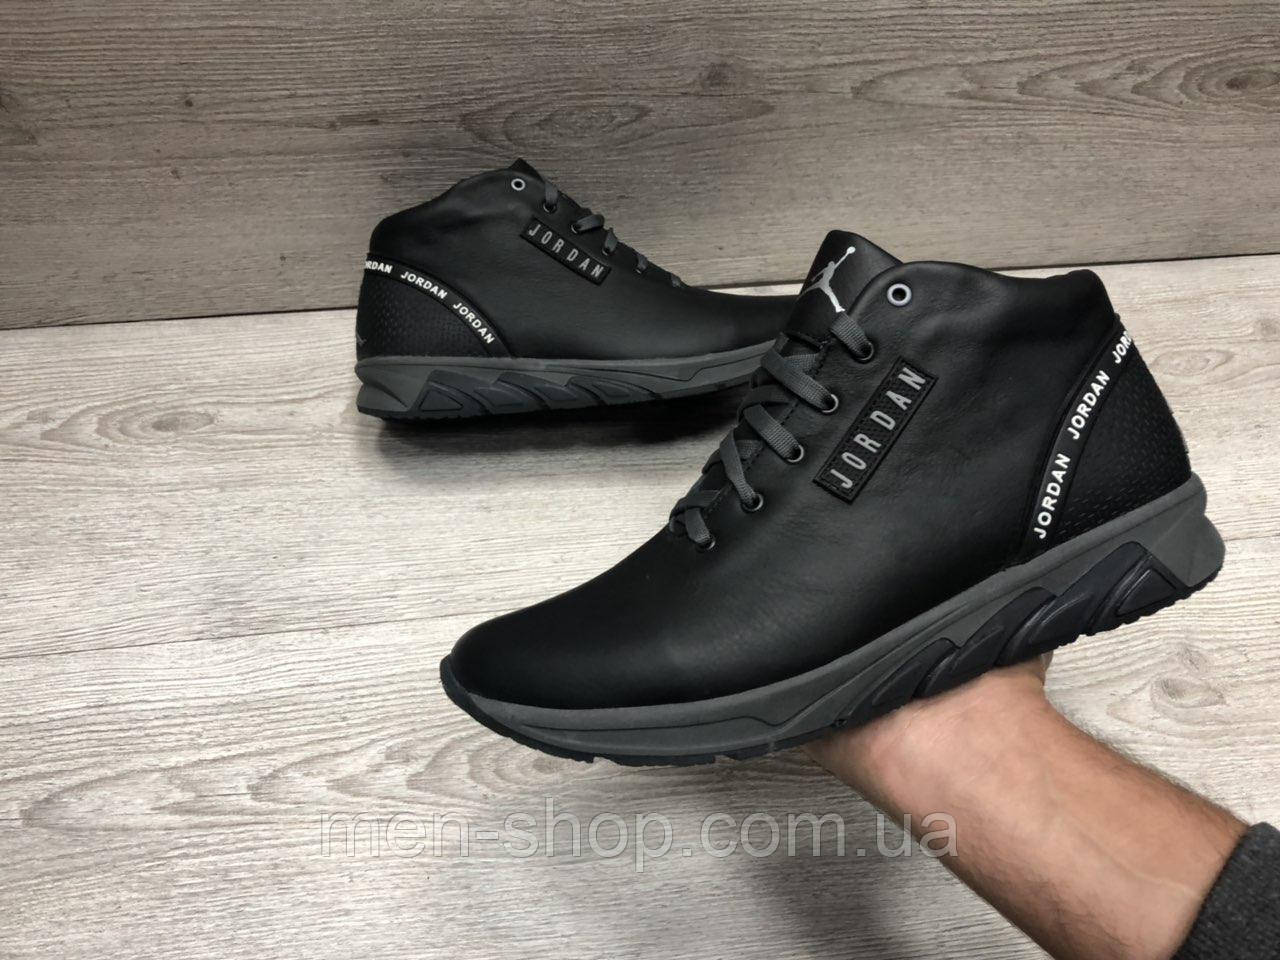 Теплые Зимние мужские кроссовки в стиле Jordan